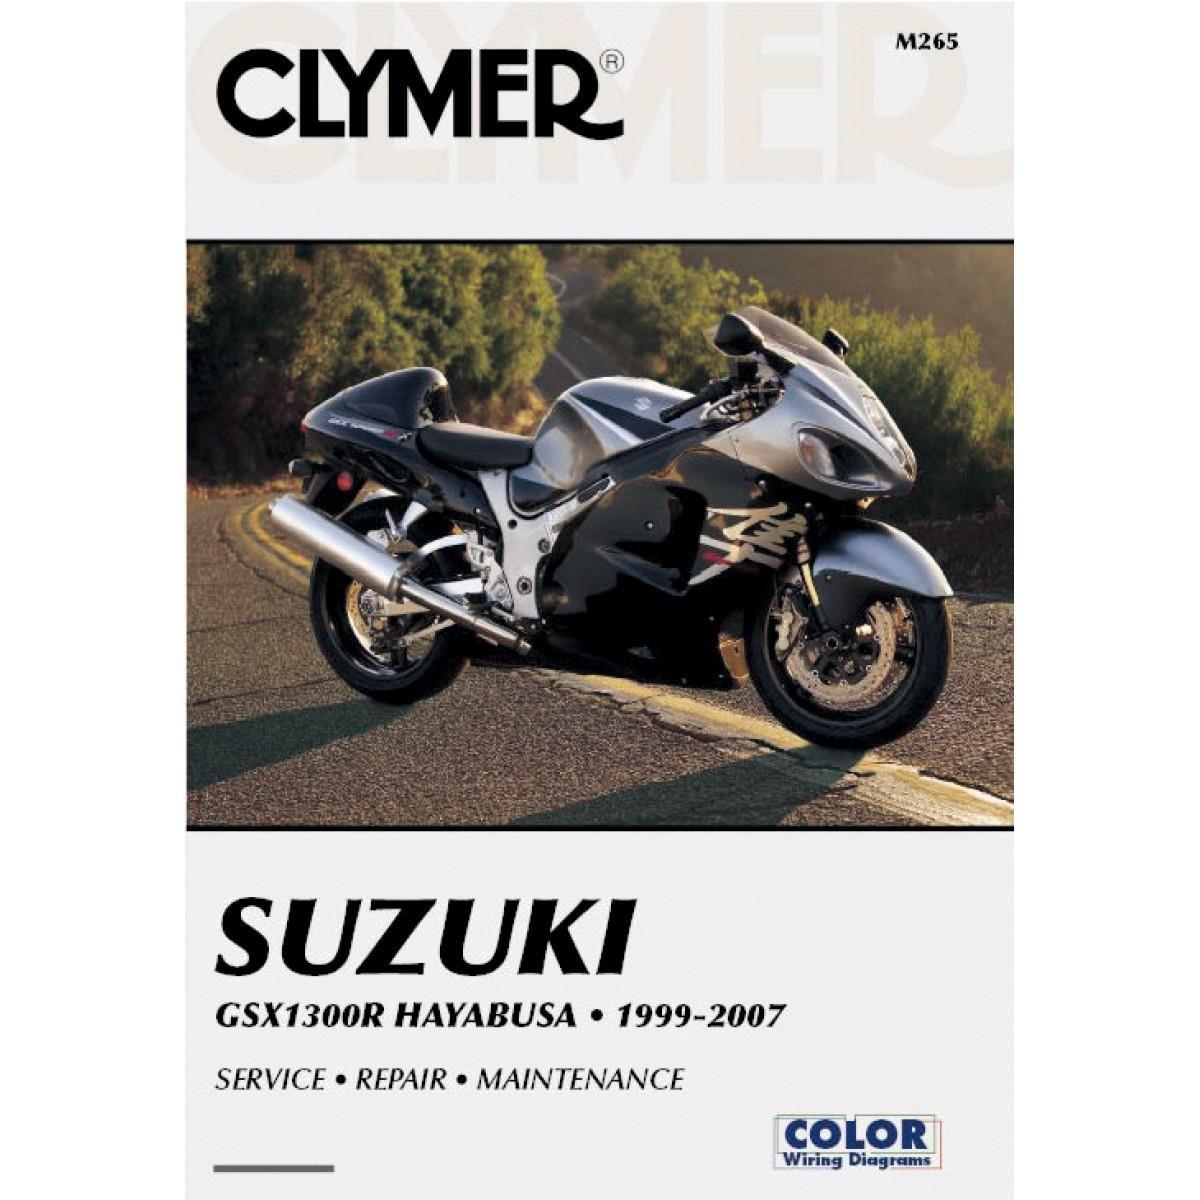 Clymer Suzuki Gsx1300r Hayabusa 1999 2007 Automotive Diagram On Wiring